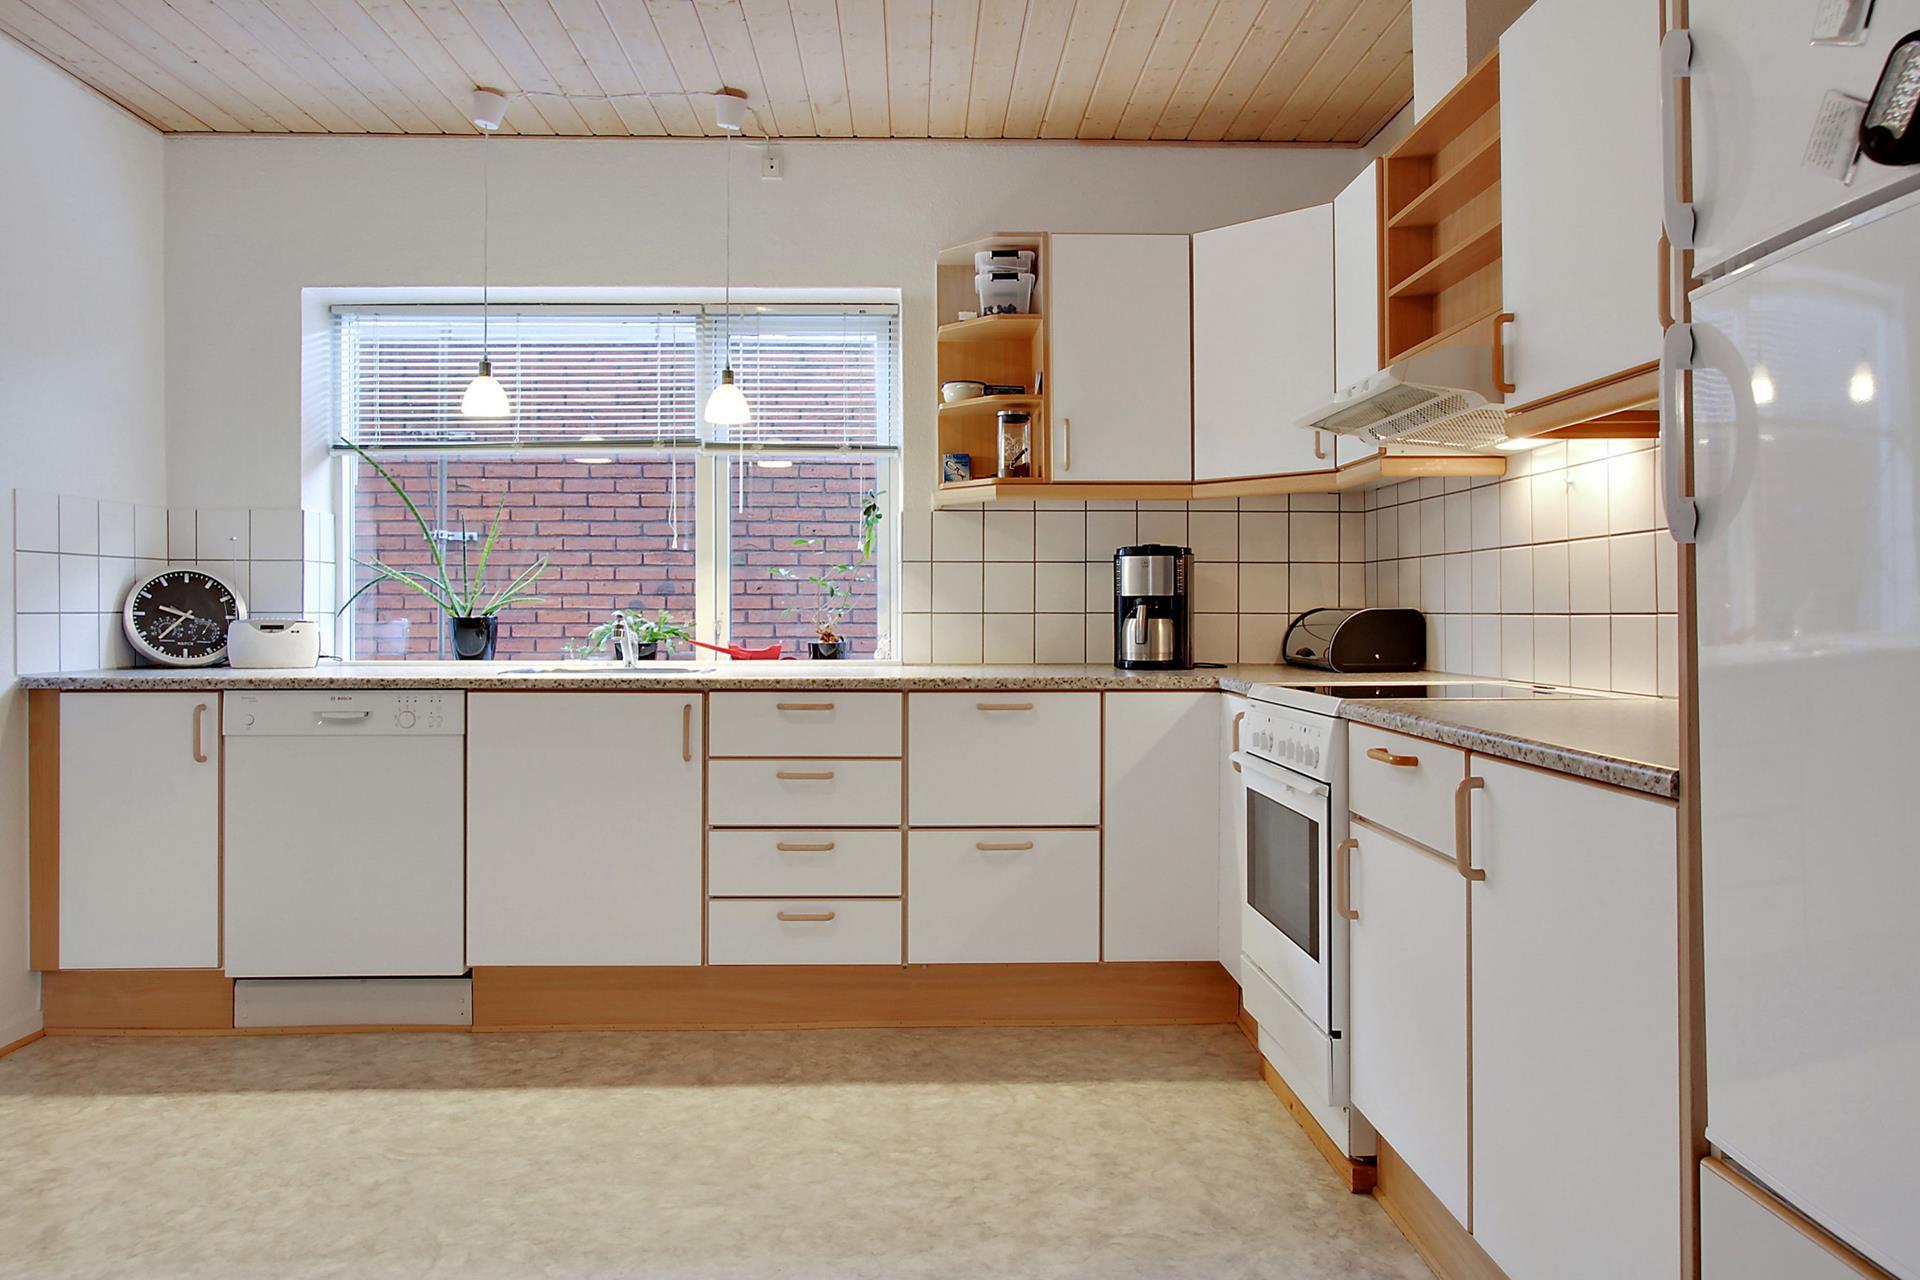 Bolig/erhverv på Bredgade i Hurup Thy - Køkken